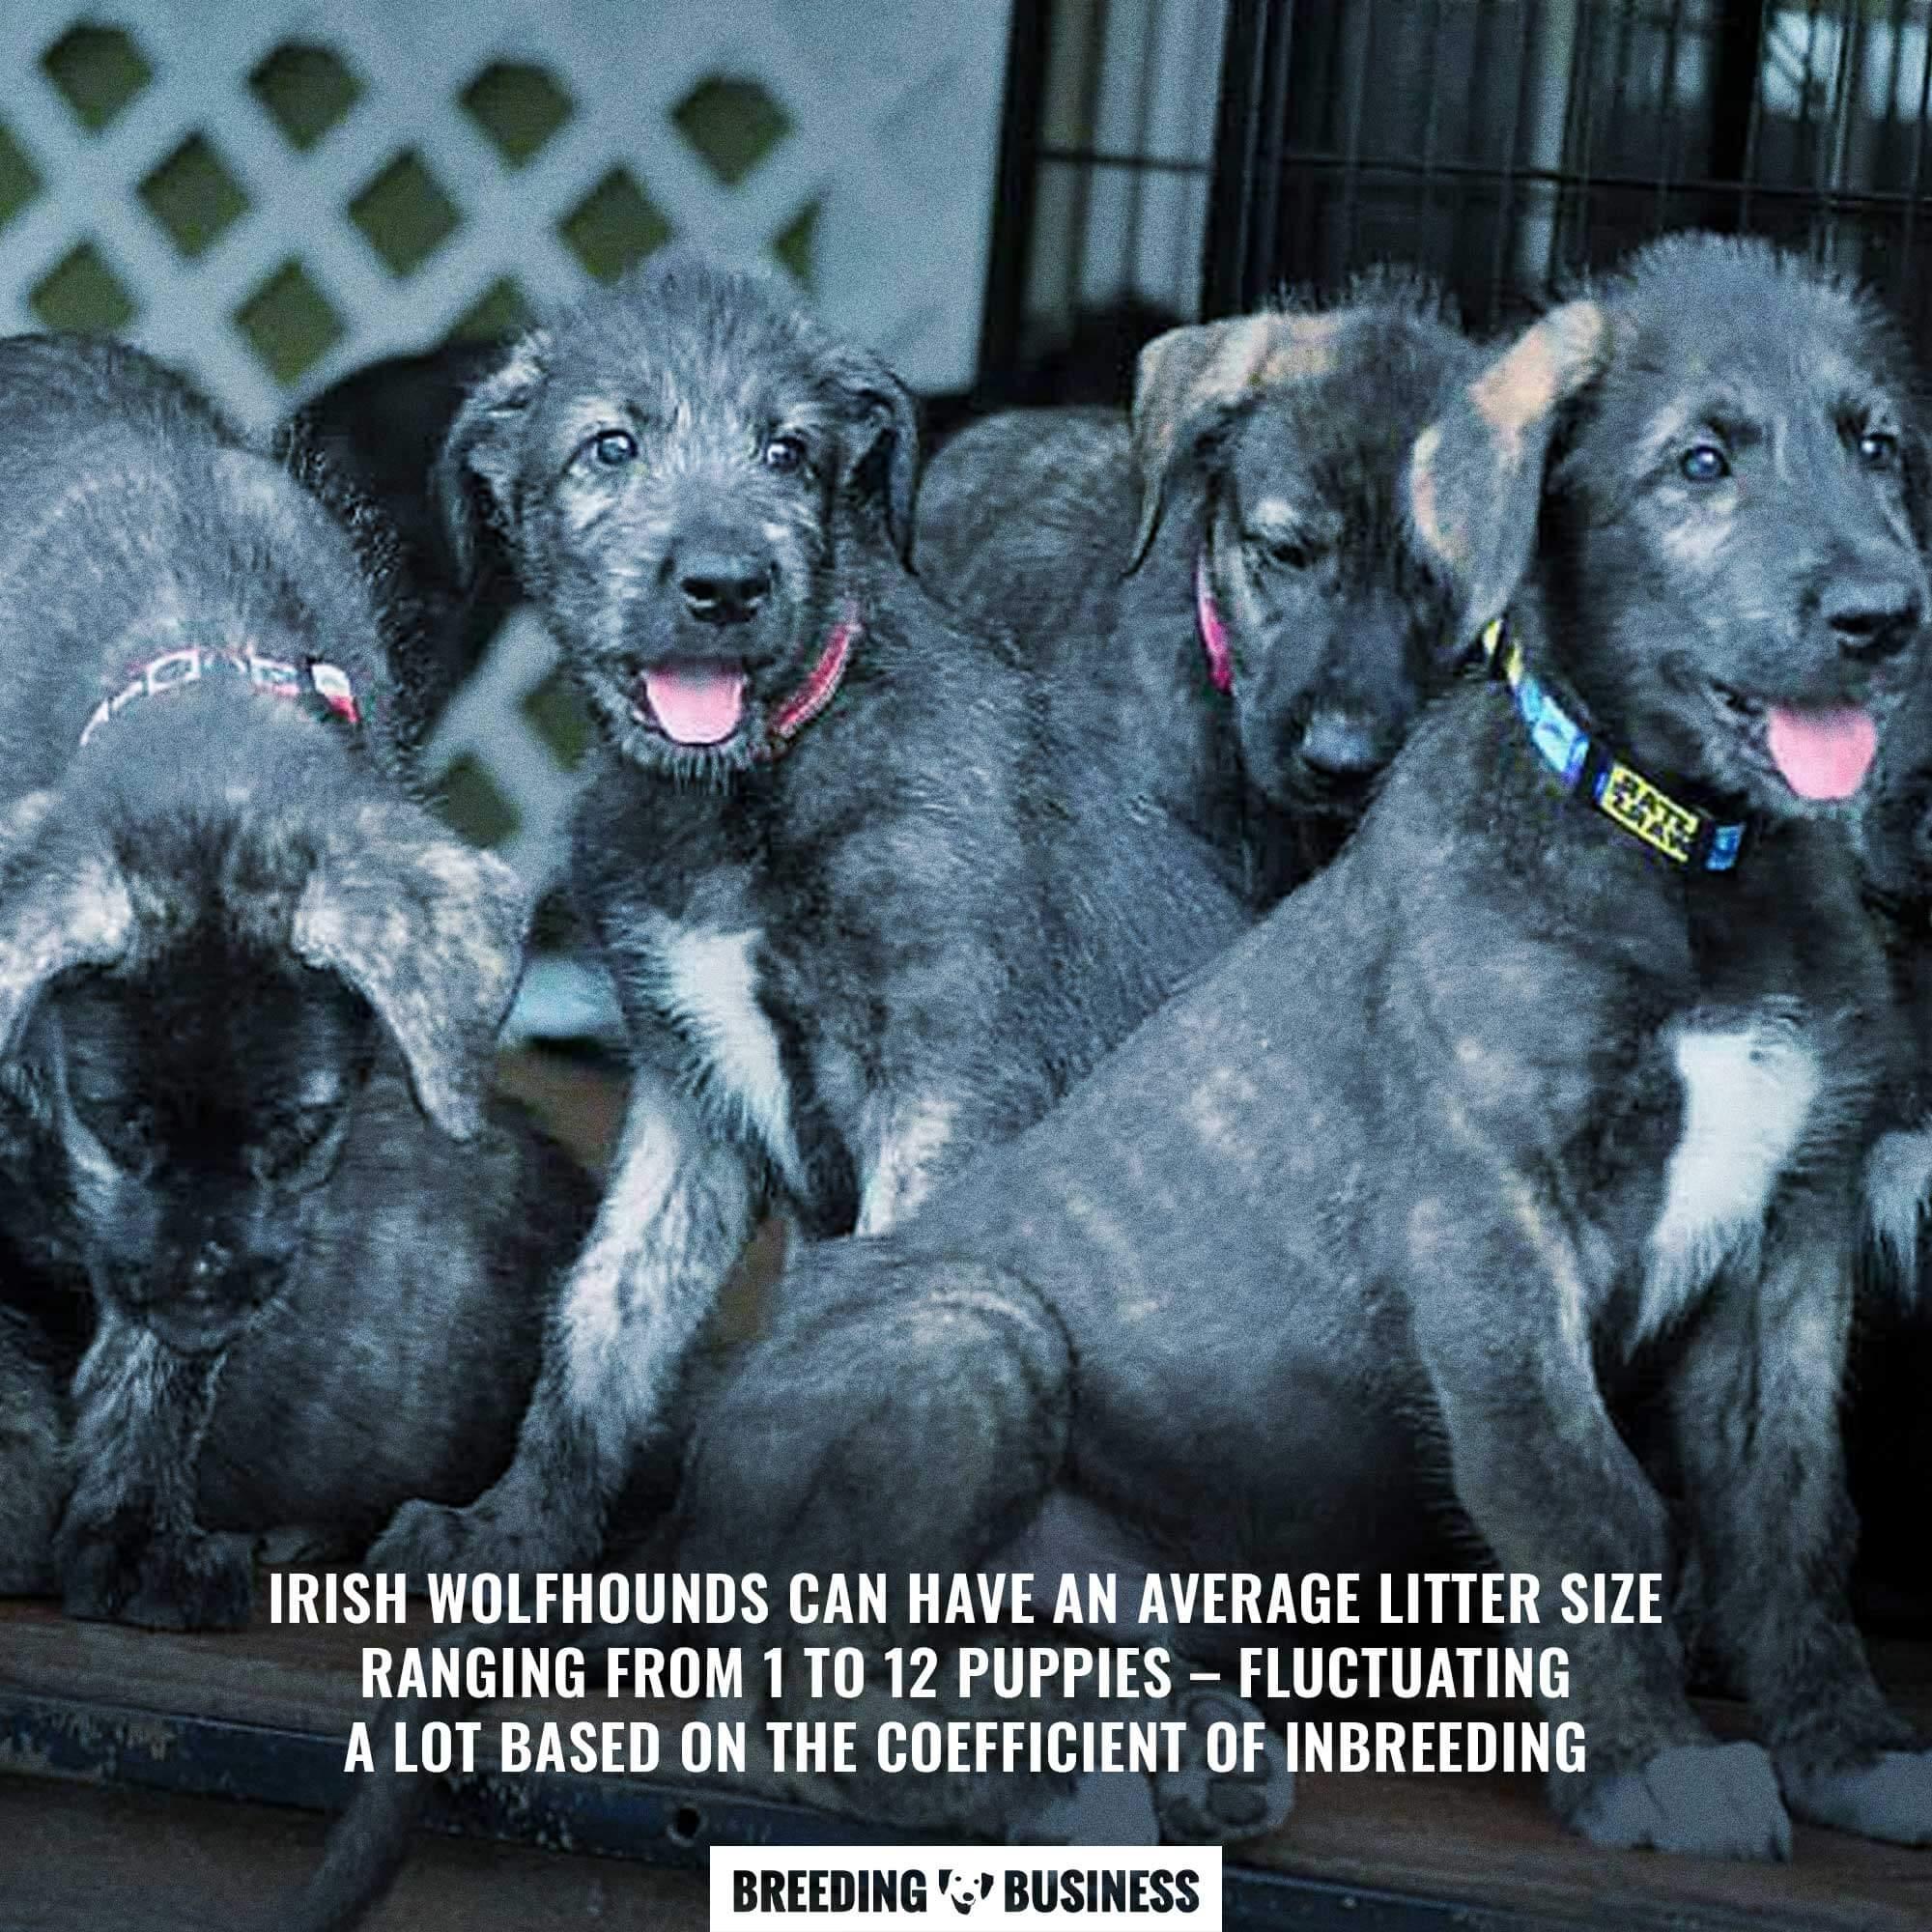 irish wolfhound's puppy litter size